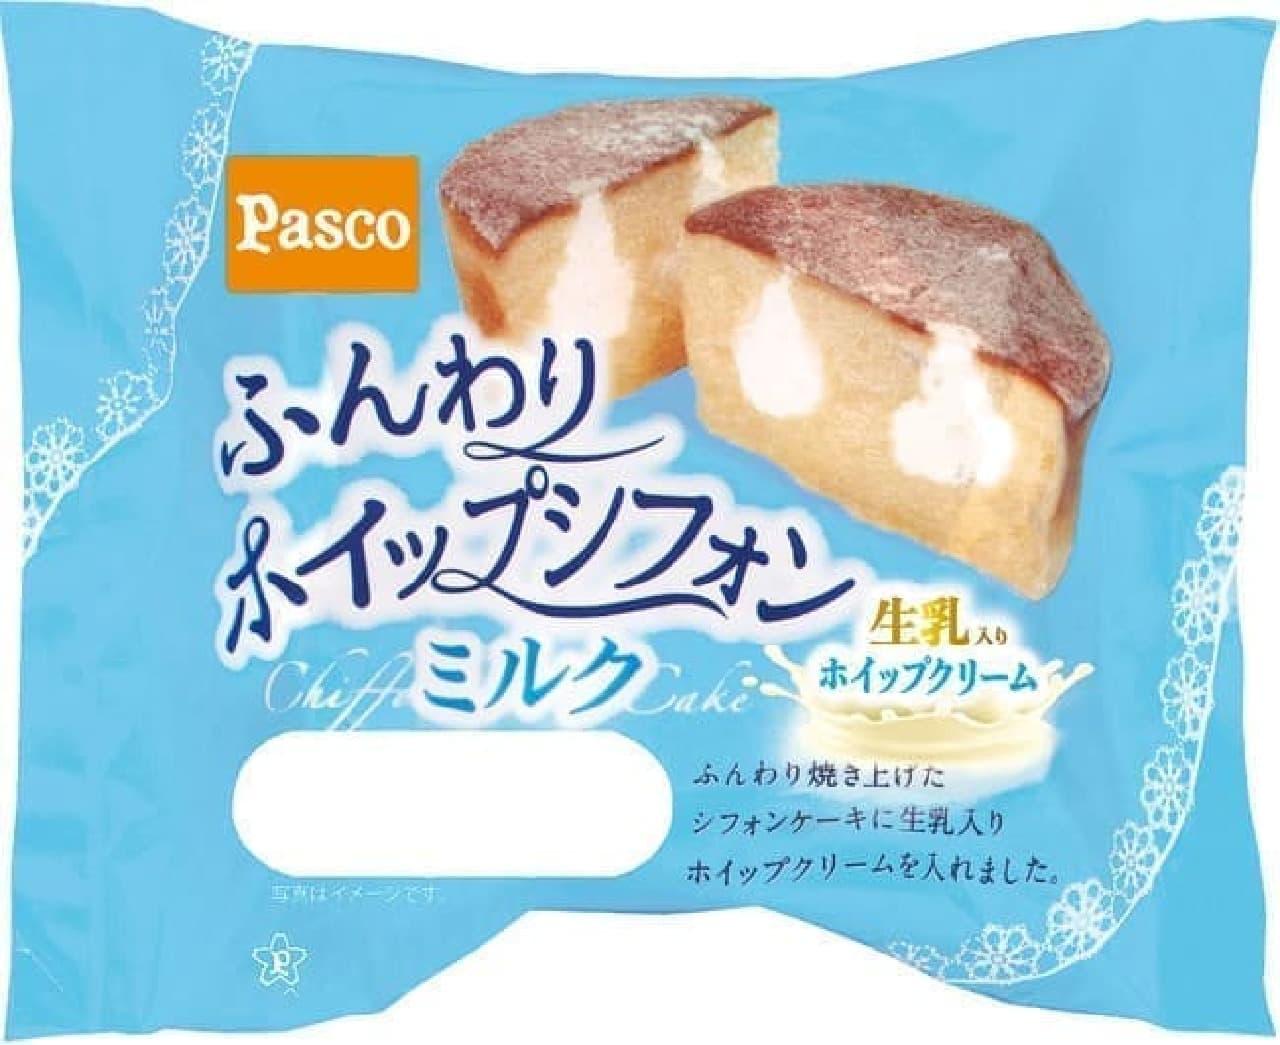 敷島製パン「ふんわりホイップシフォン ミルク」